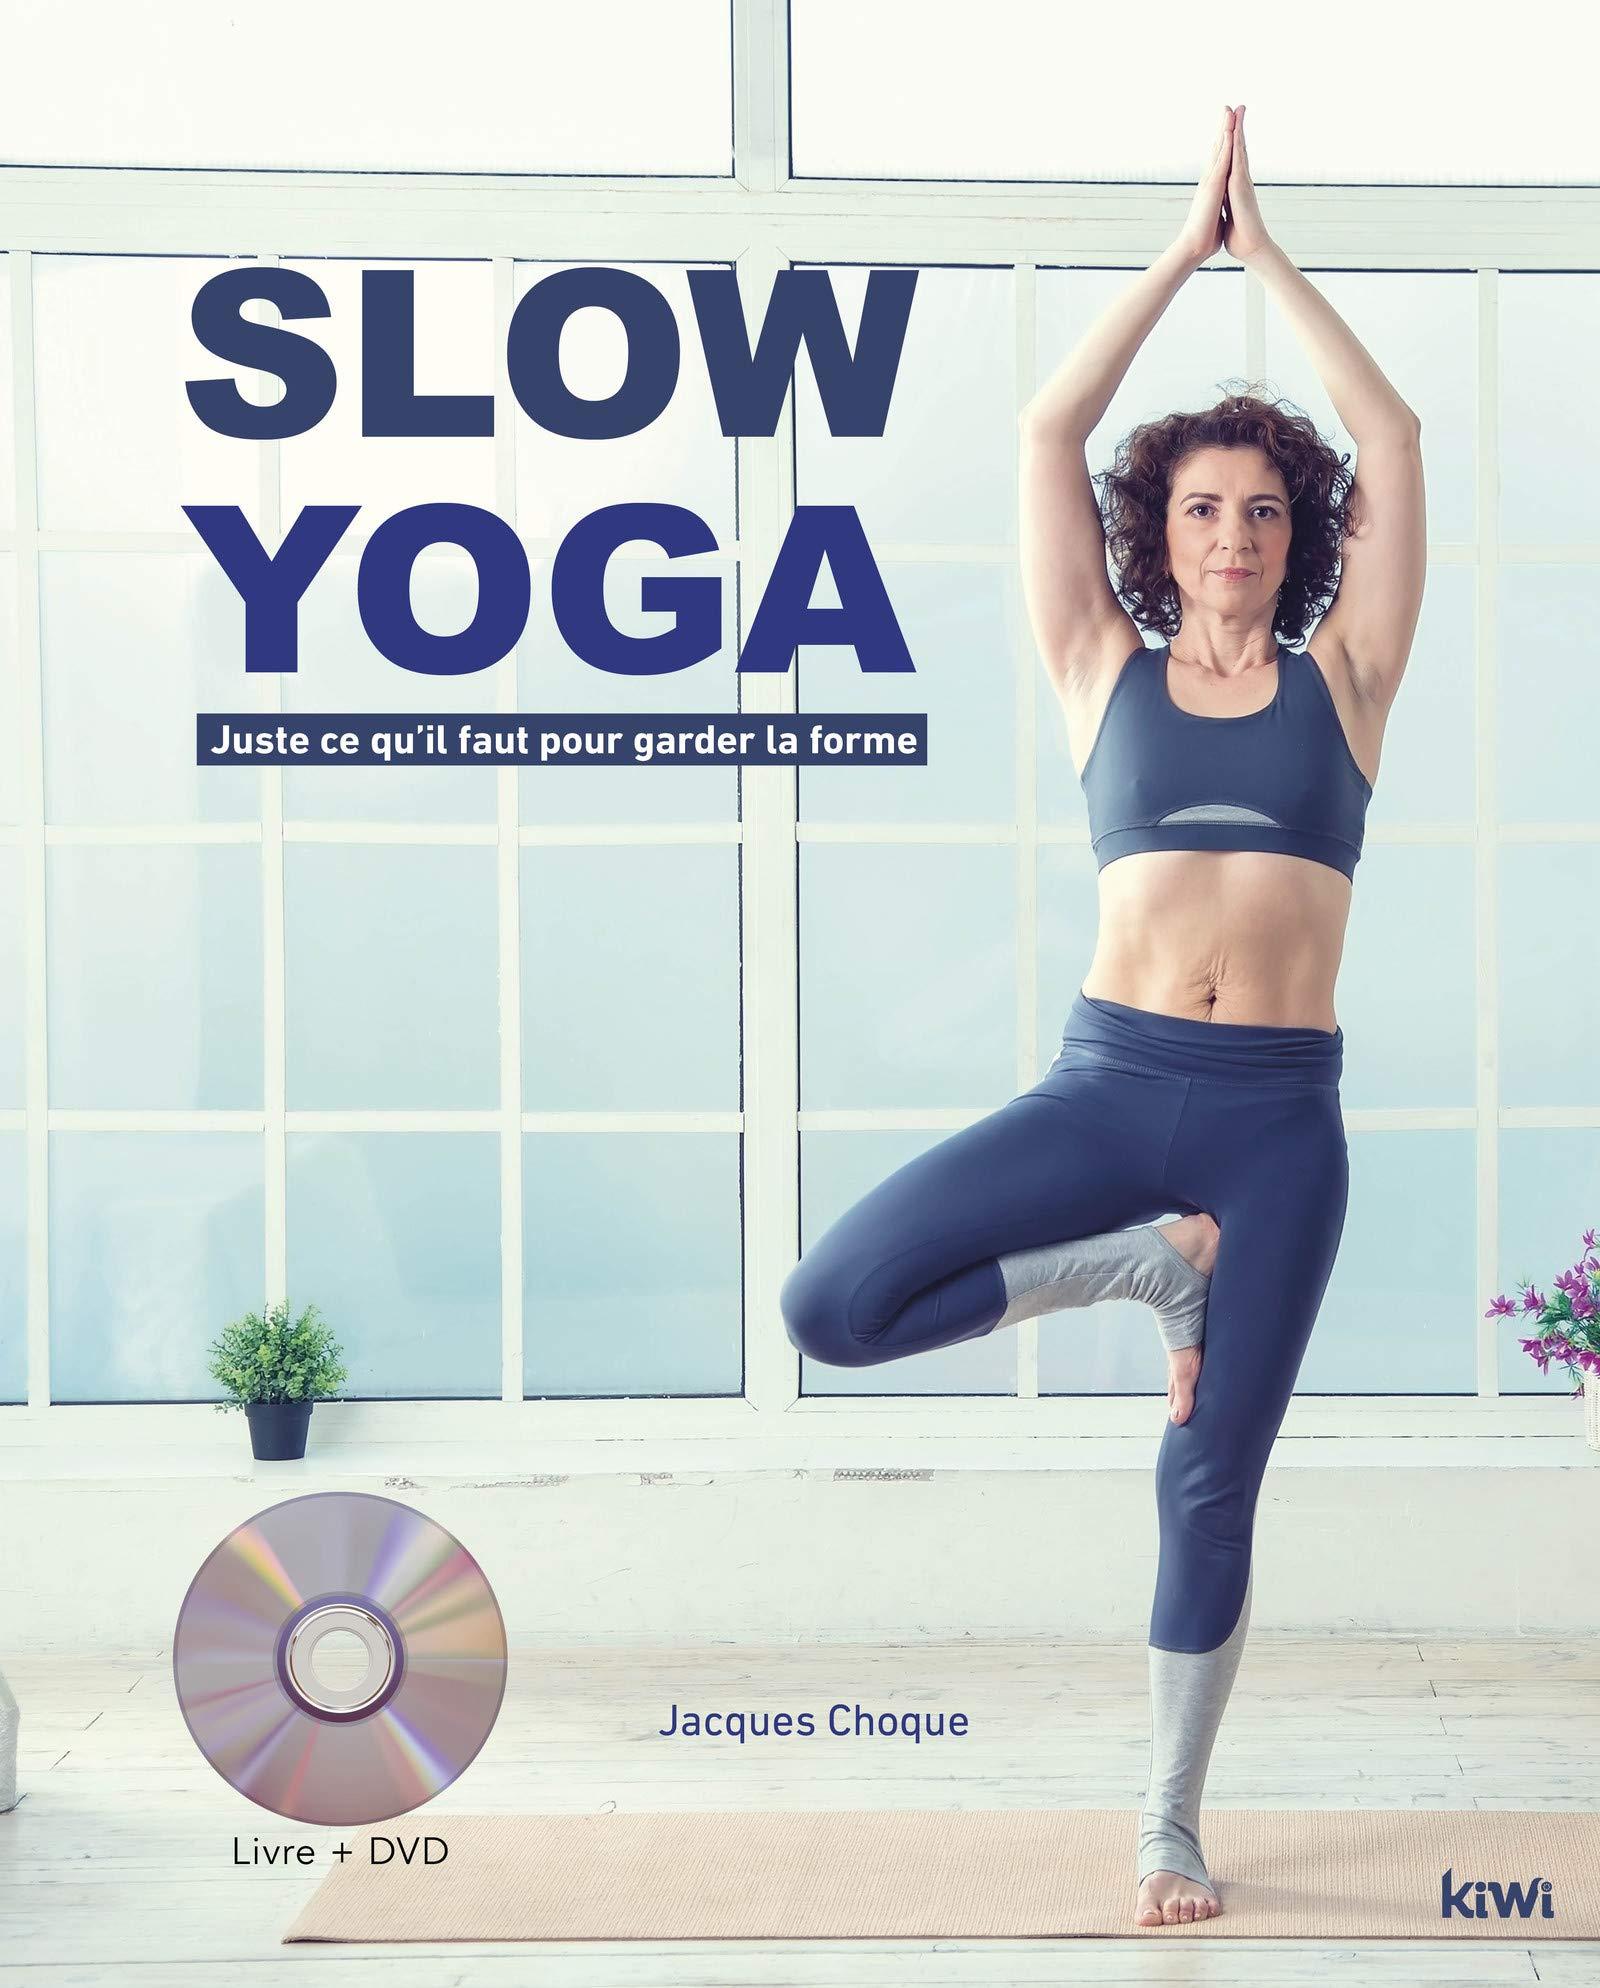 Soft yoga - juste ce quil faut pour garder la forme: Amazon ...